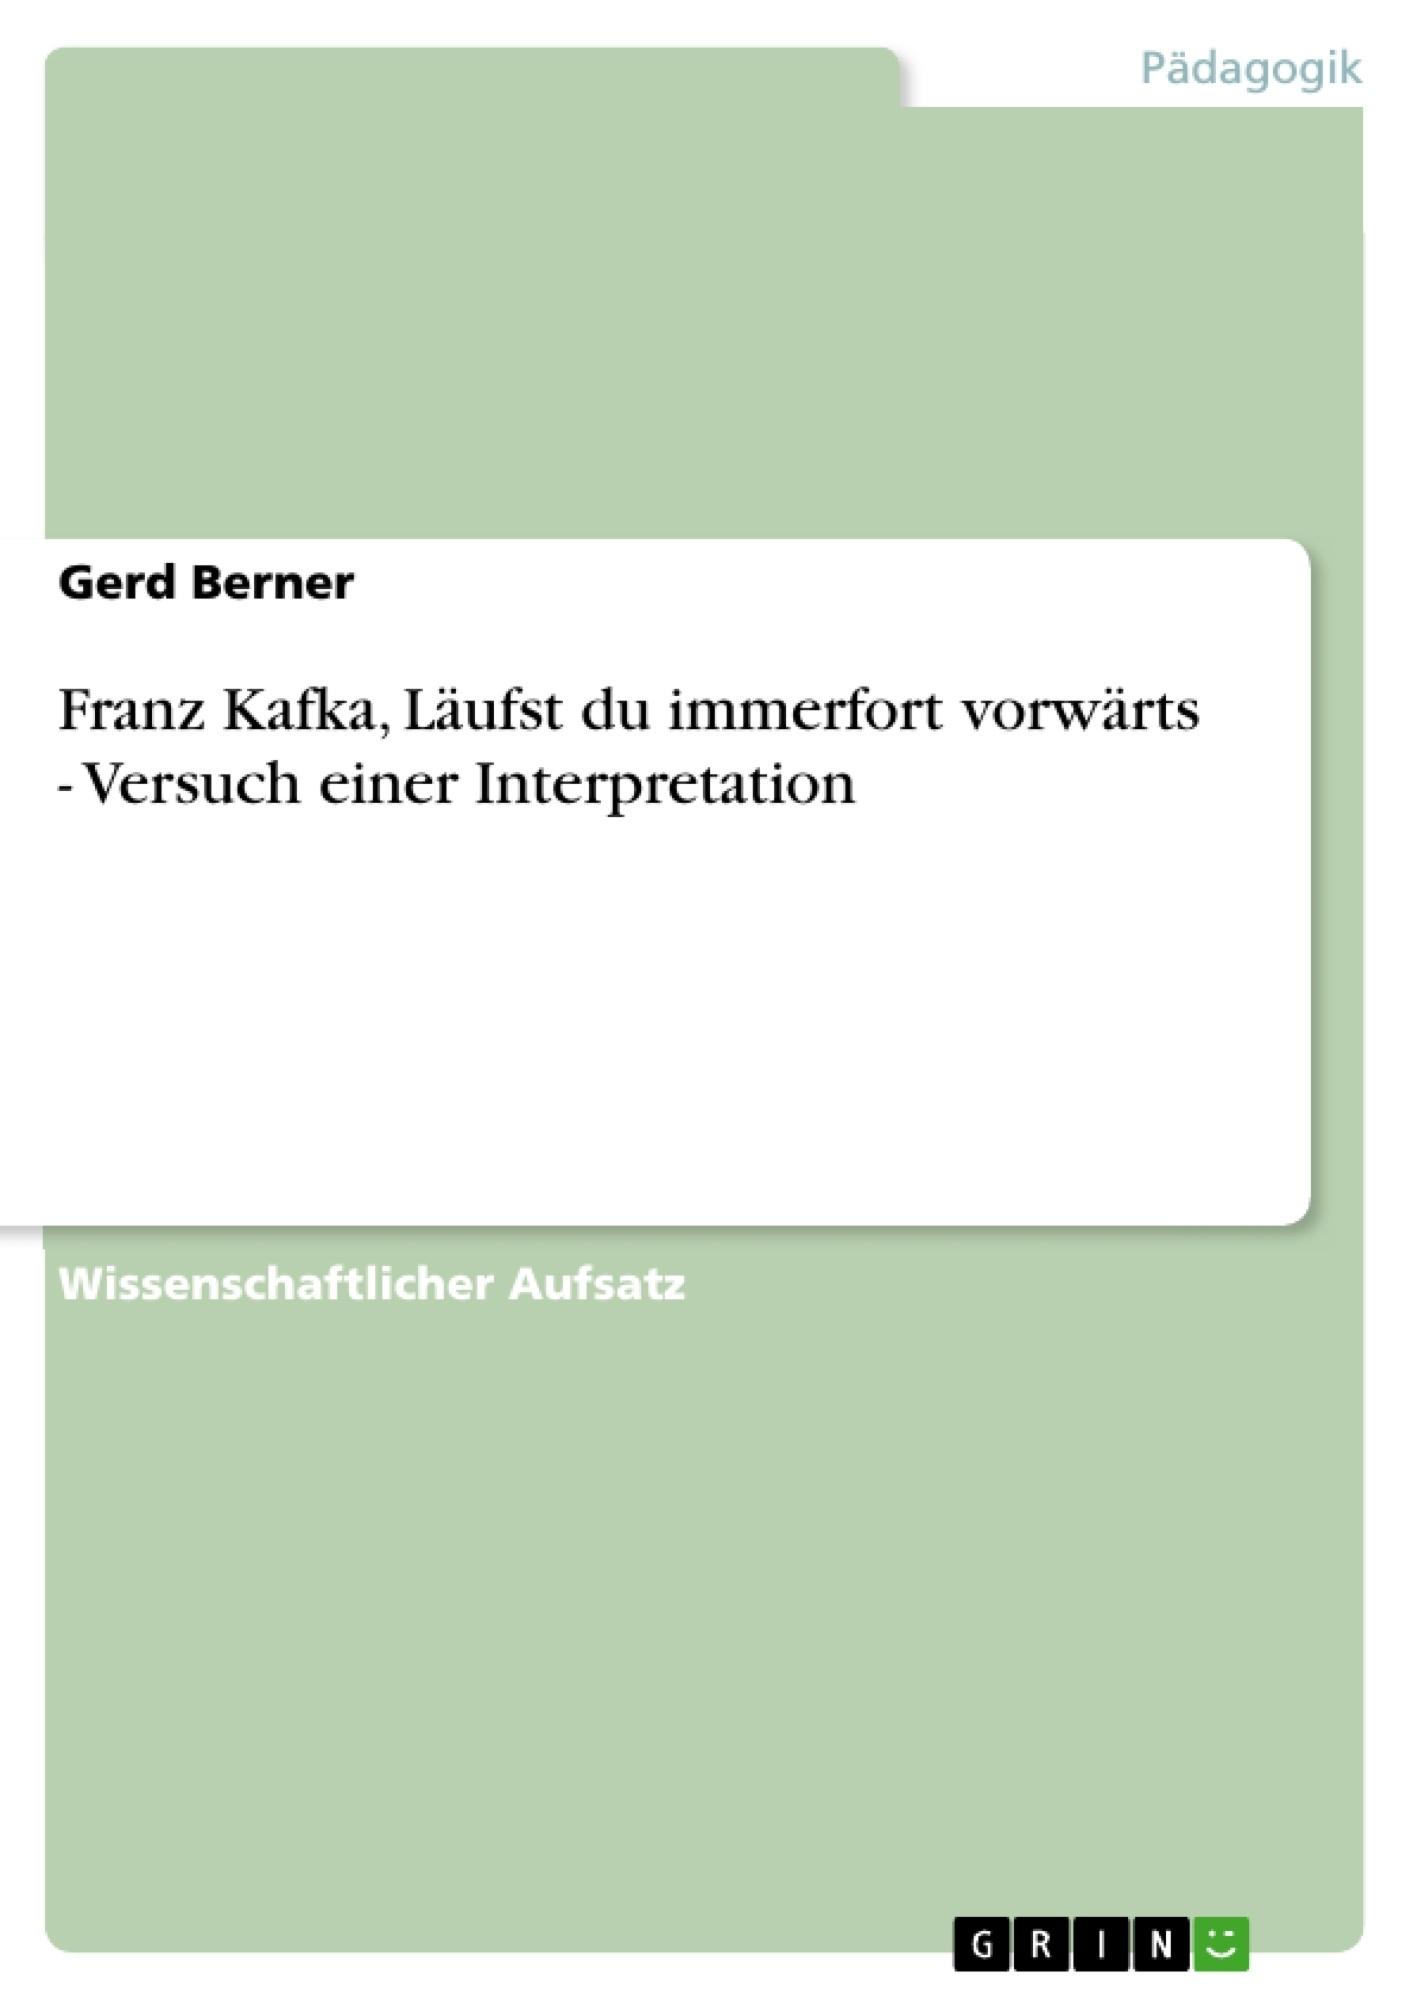 Titel: Franz Kafka, Läufst du immerfort vorwärts - Versuch einer Interpretation